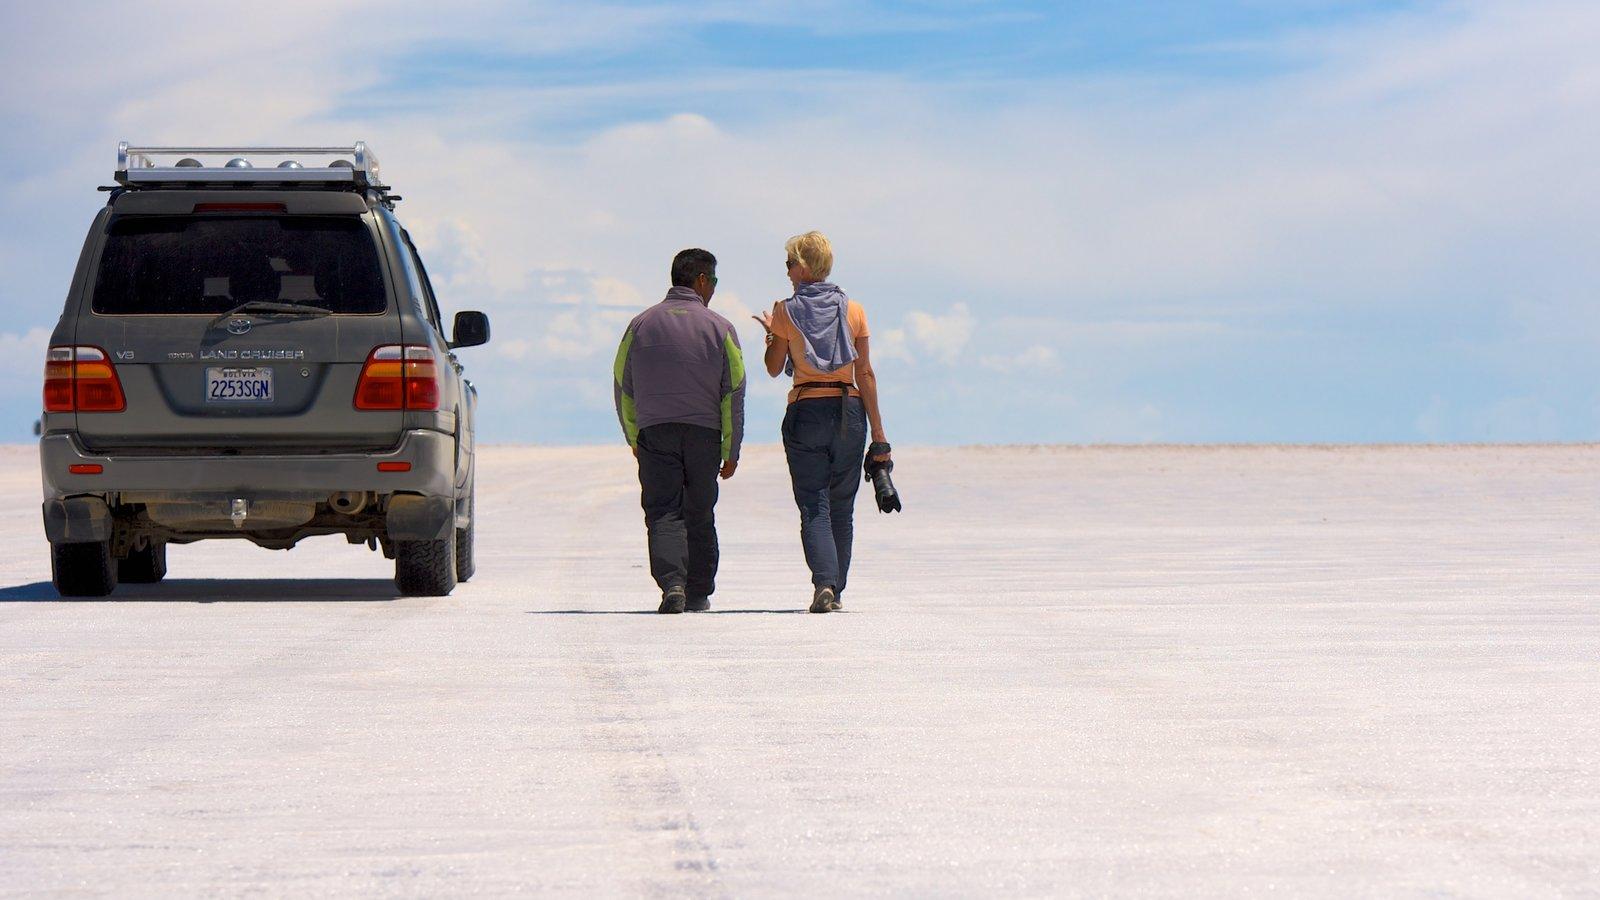 Salar de Uyuni caracterizando passeios e cenas tranquilas assim como um pequeno grupo de pessoas